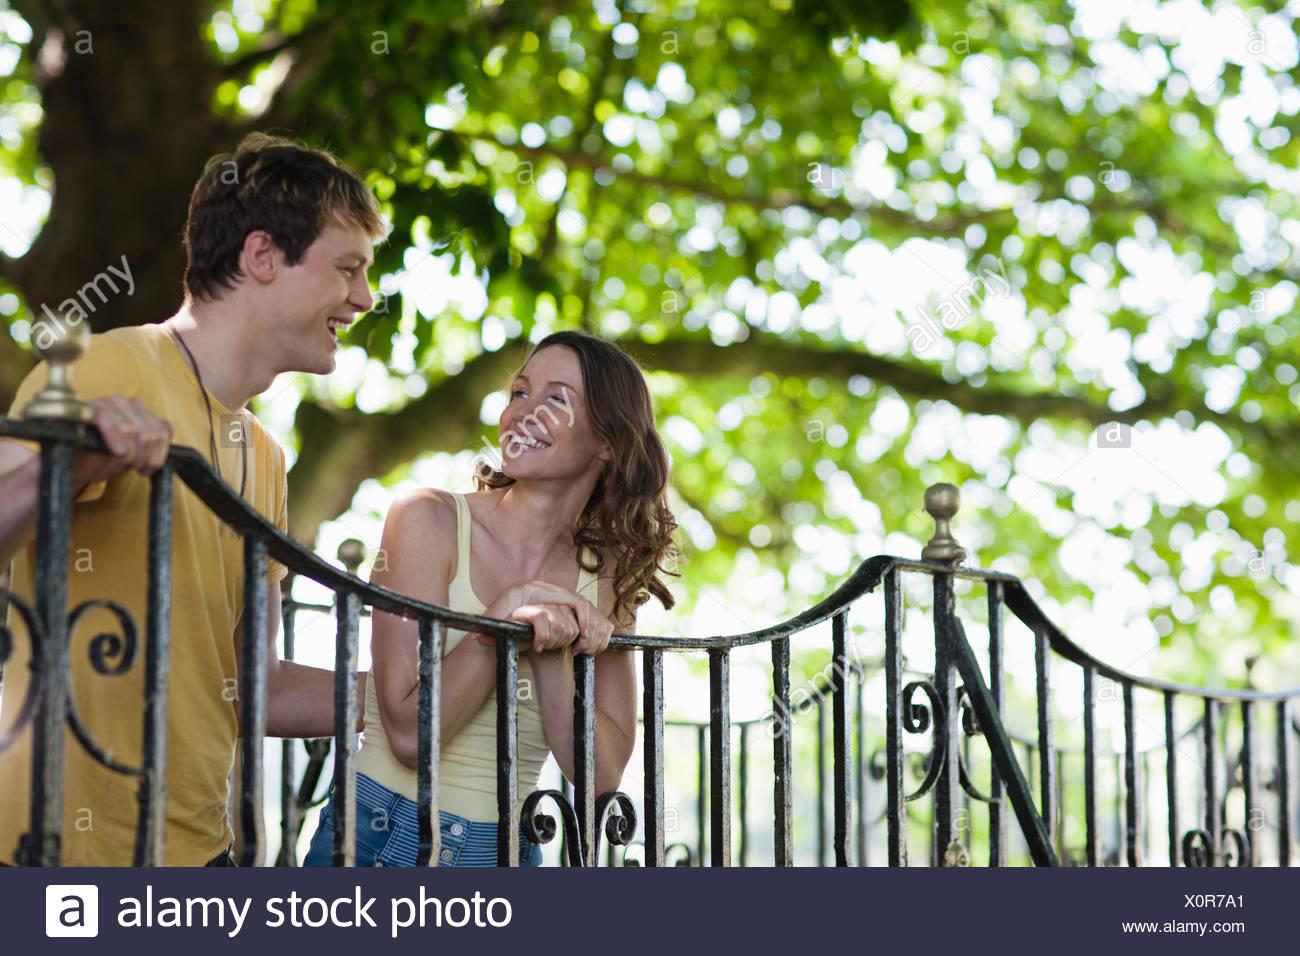 Coppia sorridente appoggiato sulla ringhiera all'aperto Immagini Stock